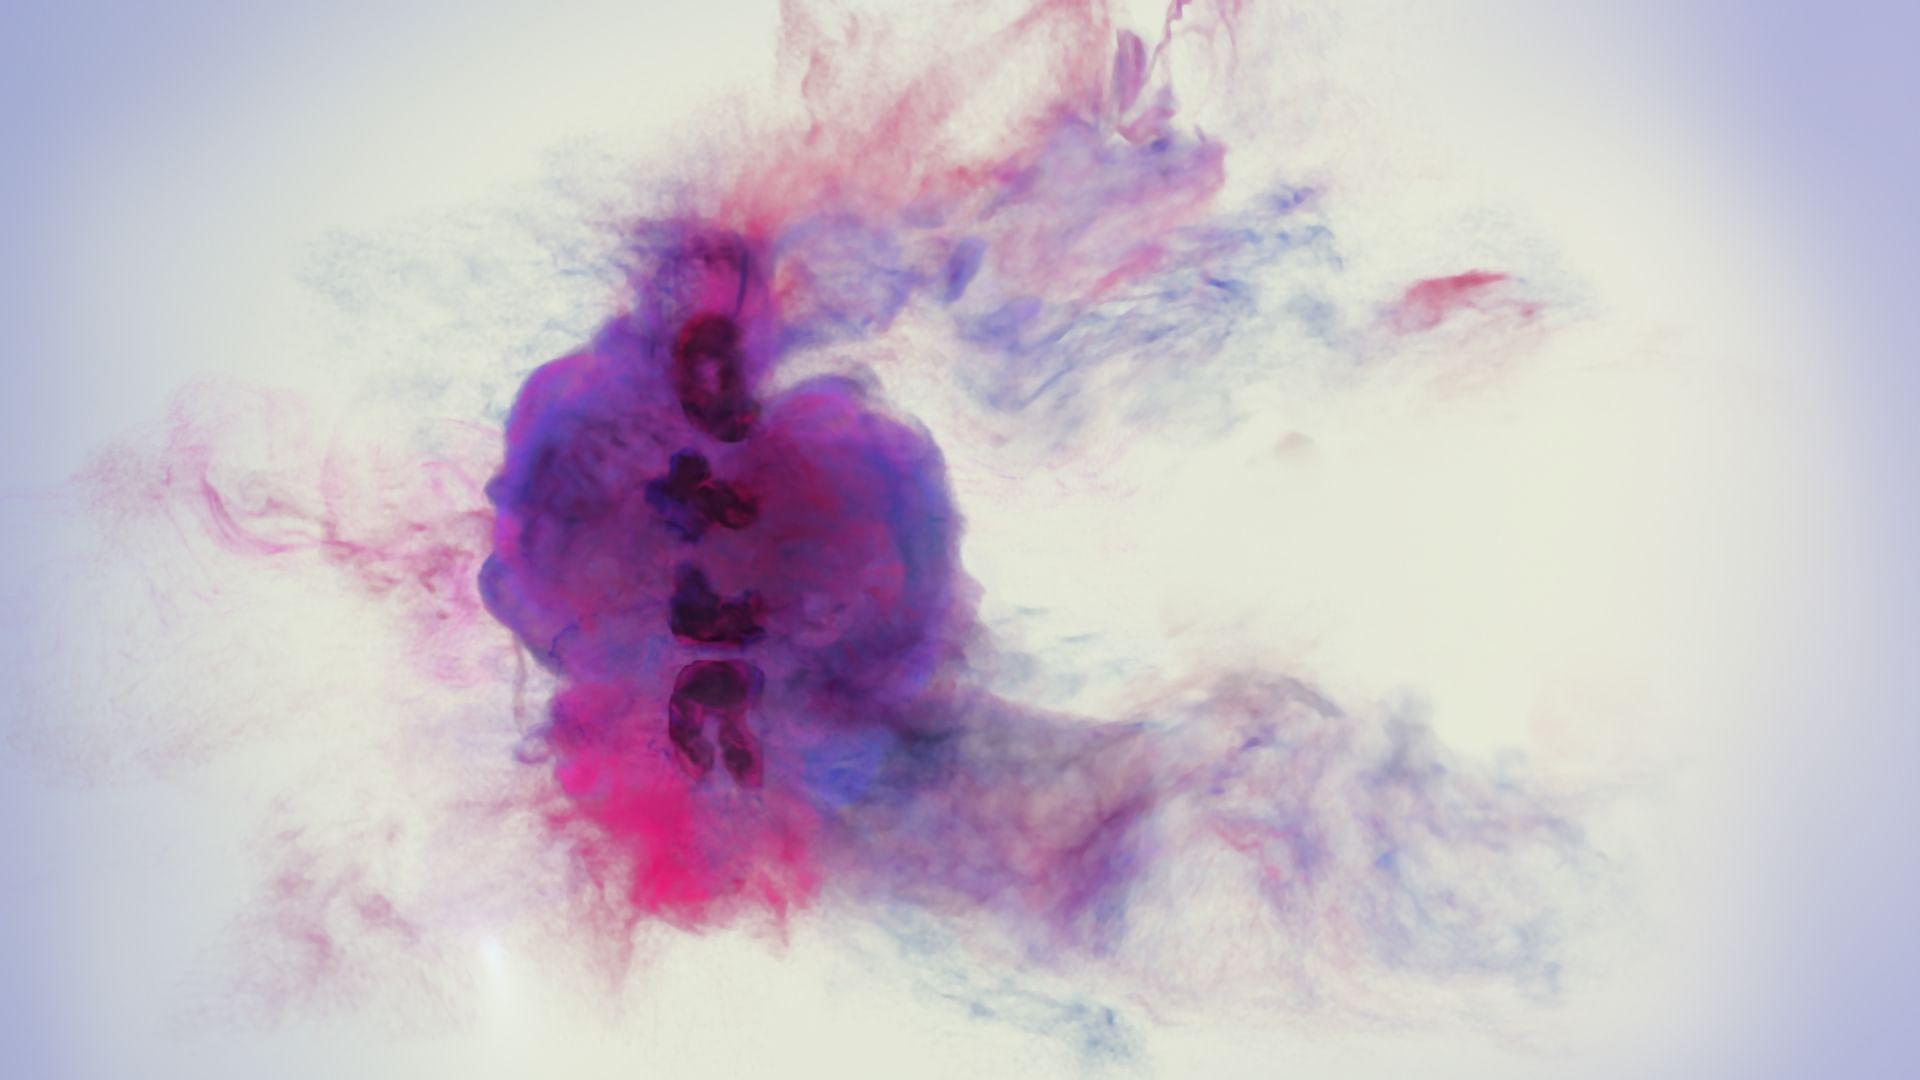 Le Festival d'été de Lucernecompte parmi les manifestations internationales les plus importantes de musique classique et contemporaine. Pour son deuxième été à Lucerne, Riccardo Chailly, successeur de Maestro Abbado,se consacre à des compositeurs qui ont rarement figuré au programme du LUCERNE FESTIVAL ORCHESTRA.